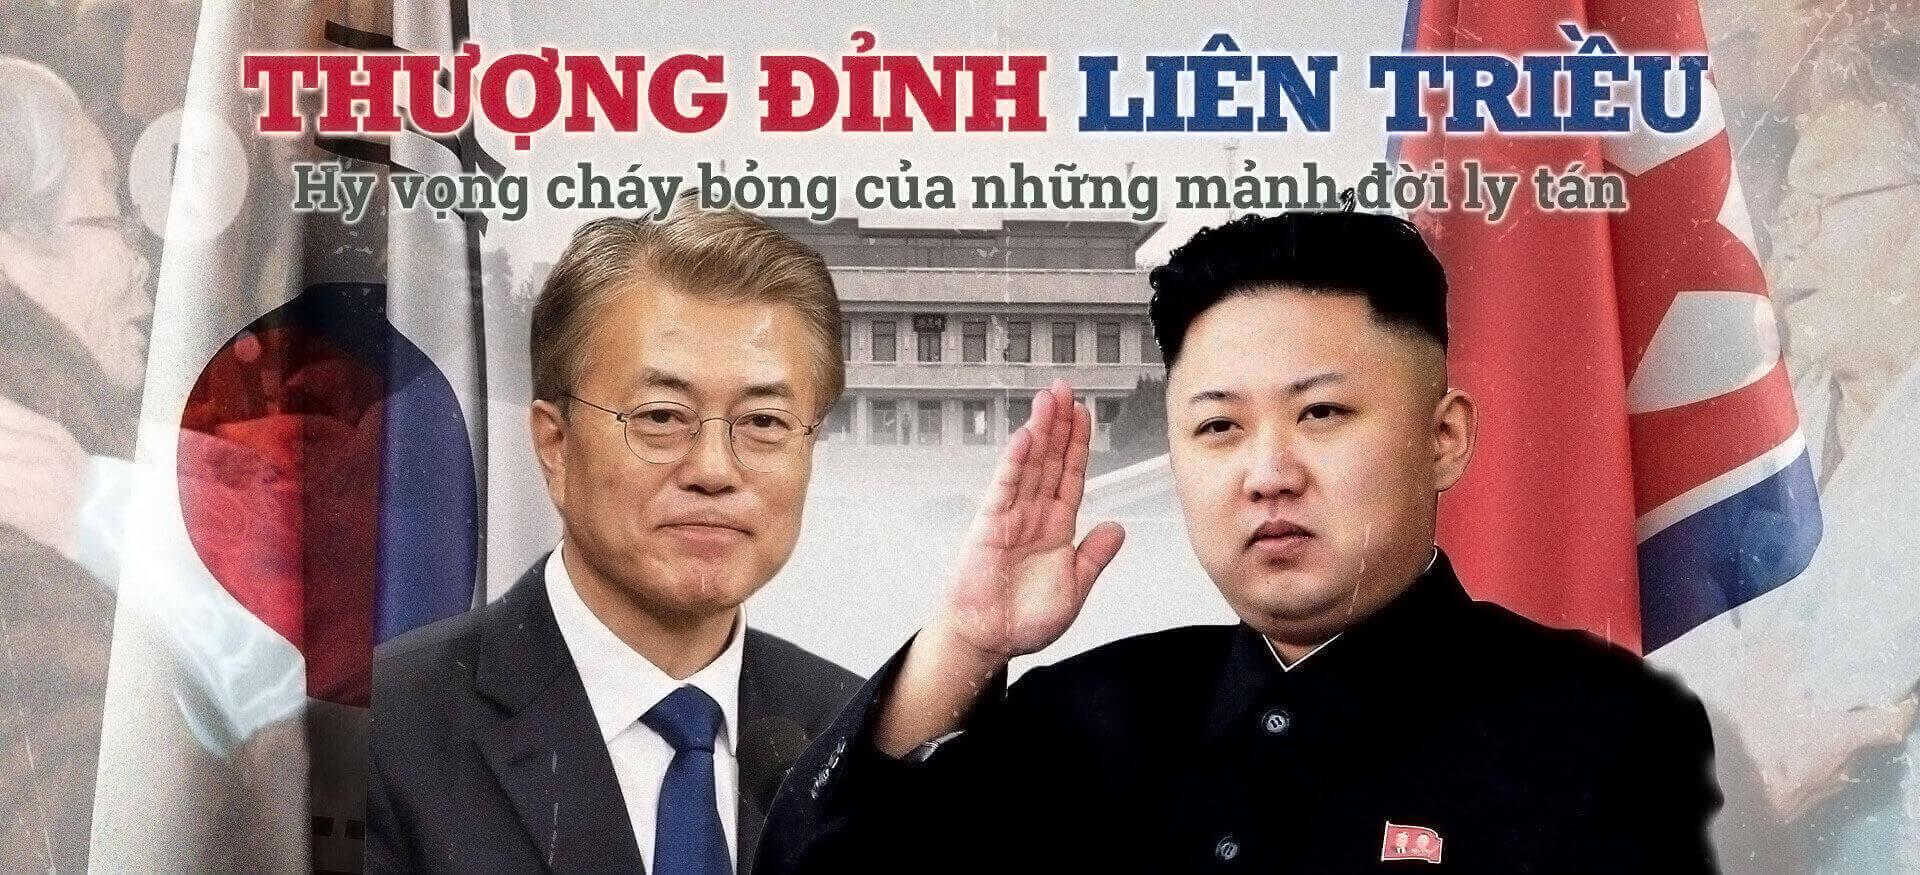 Hội nghị thượng đỉnh,Triều Tiên,Hàn Quốc,Kim Jong Un,Moon Jae In